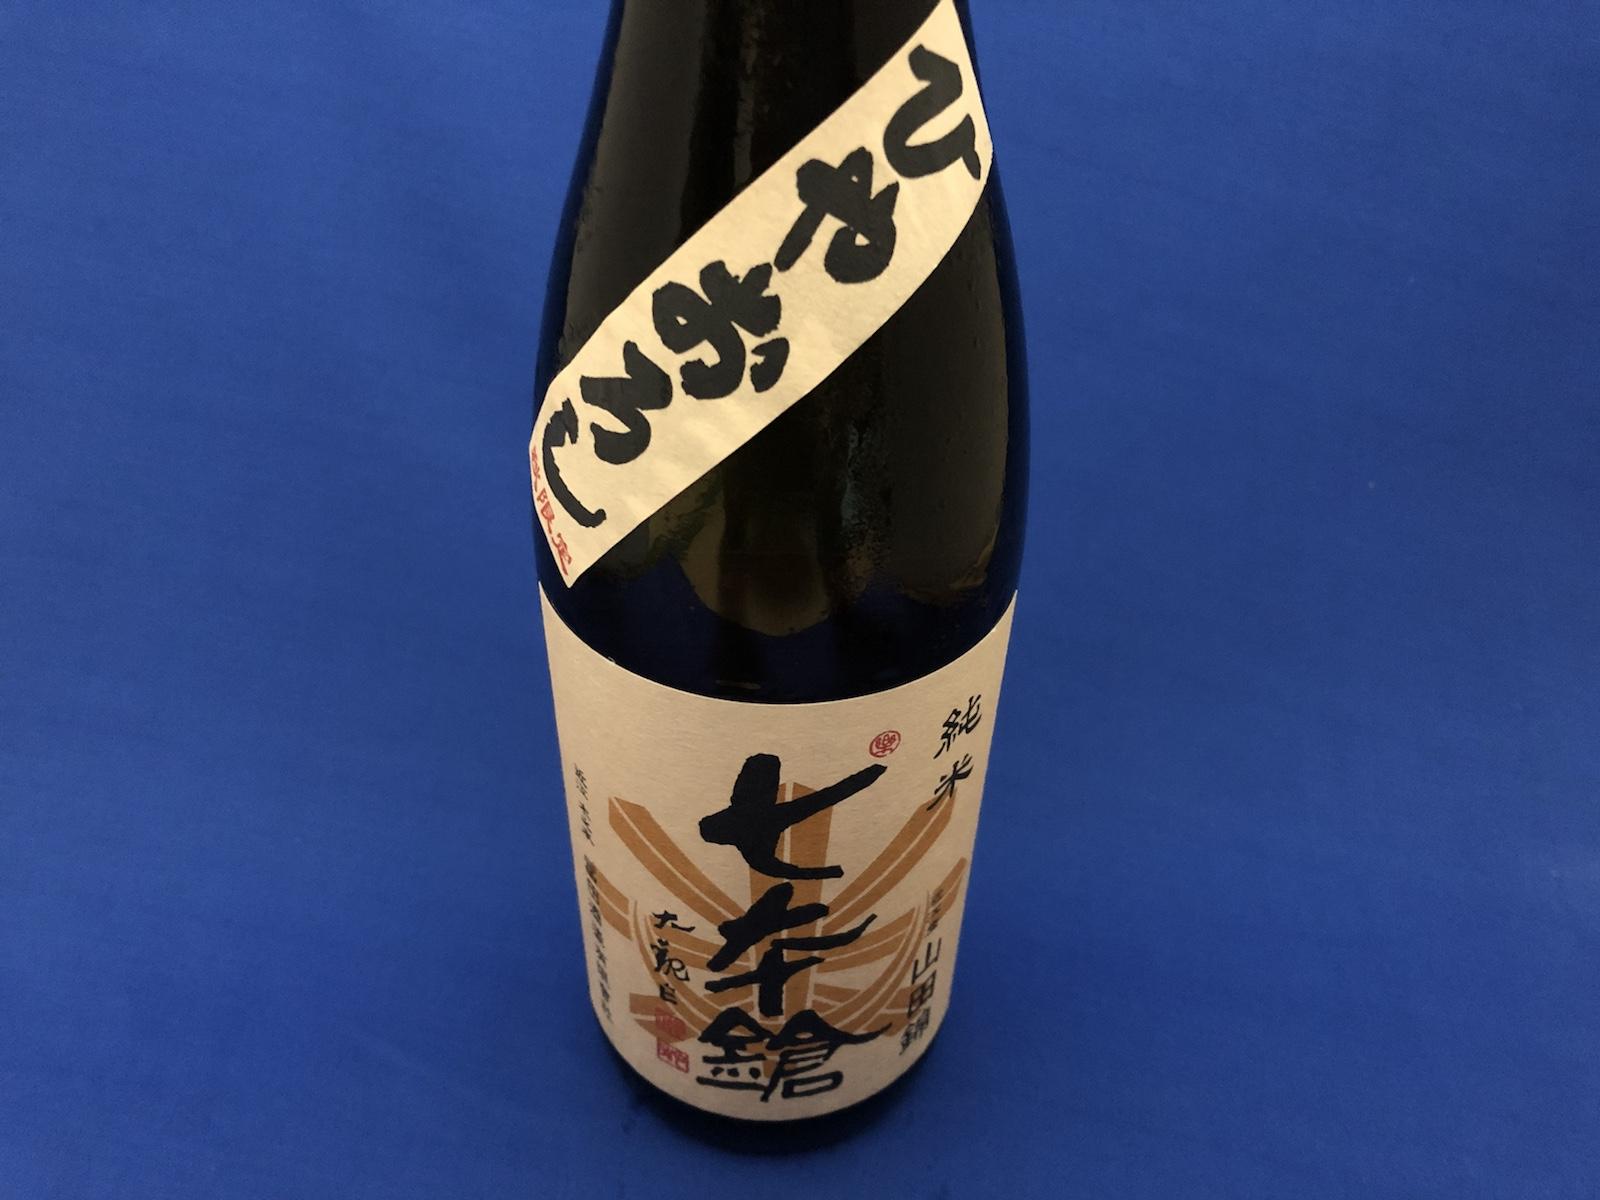 渋さ際立つ男前な日本酒でいざ出陣!純米酒「七本槍」ひやおろし